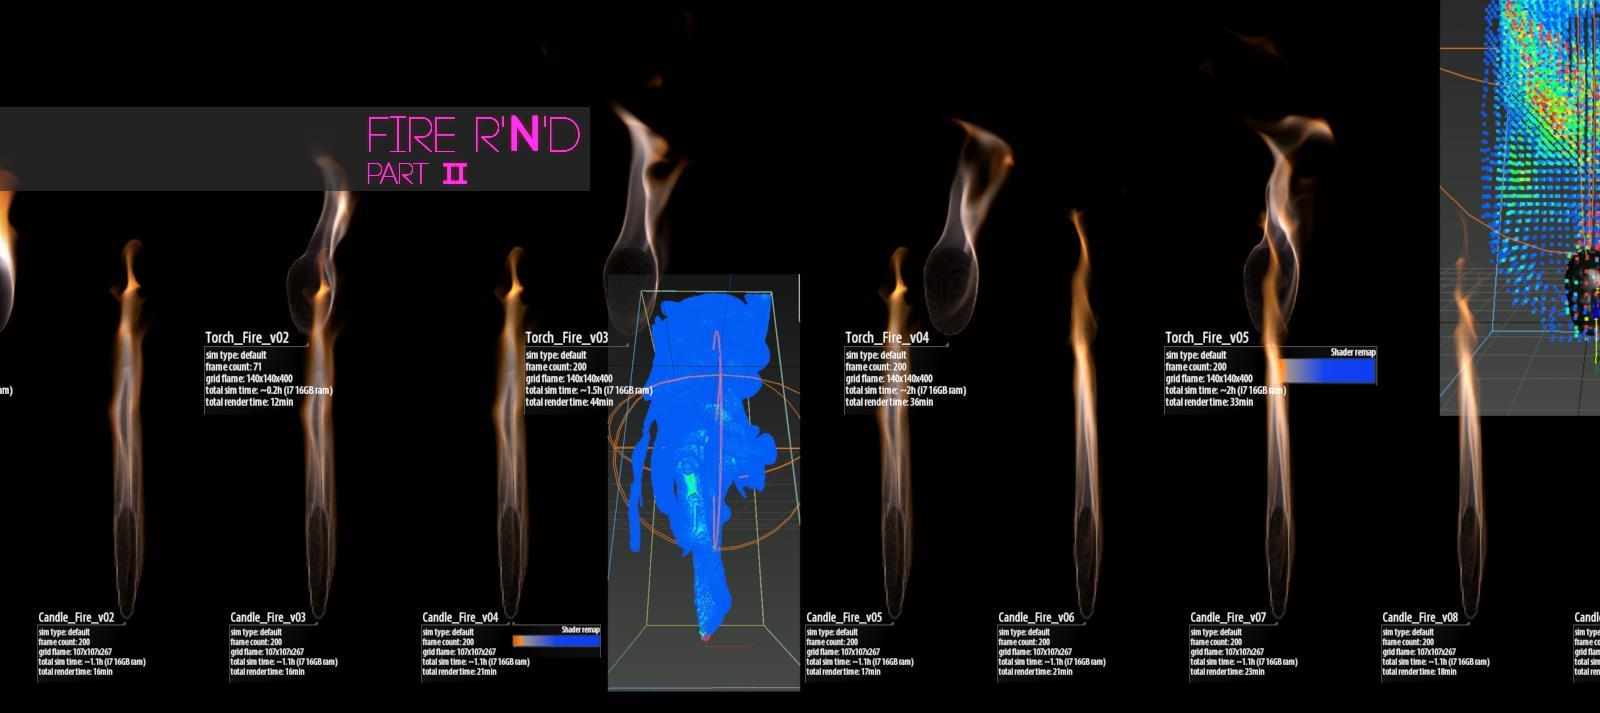 Fire R'n'D II